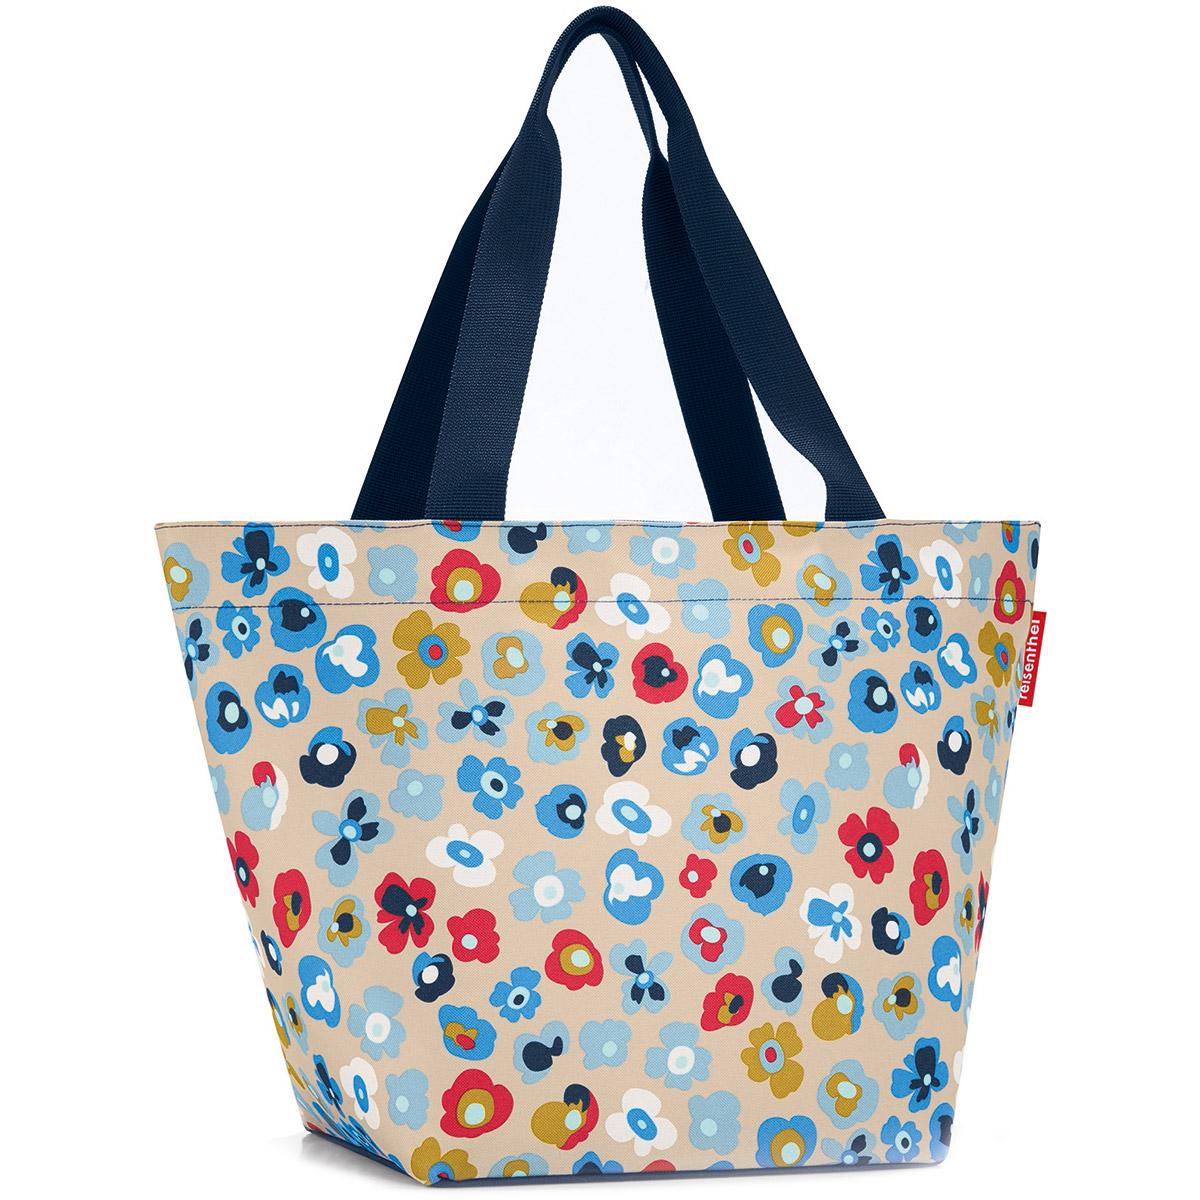 6084632980b50 Torby i koszyki na zakupy, torby ekologiczne   sklep internetowy  GaleriaLimonka.pl